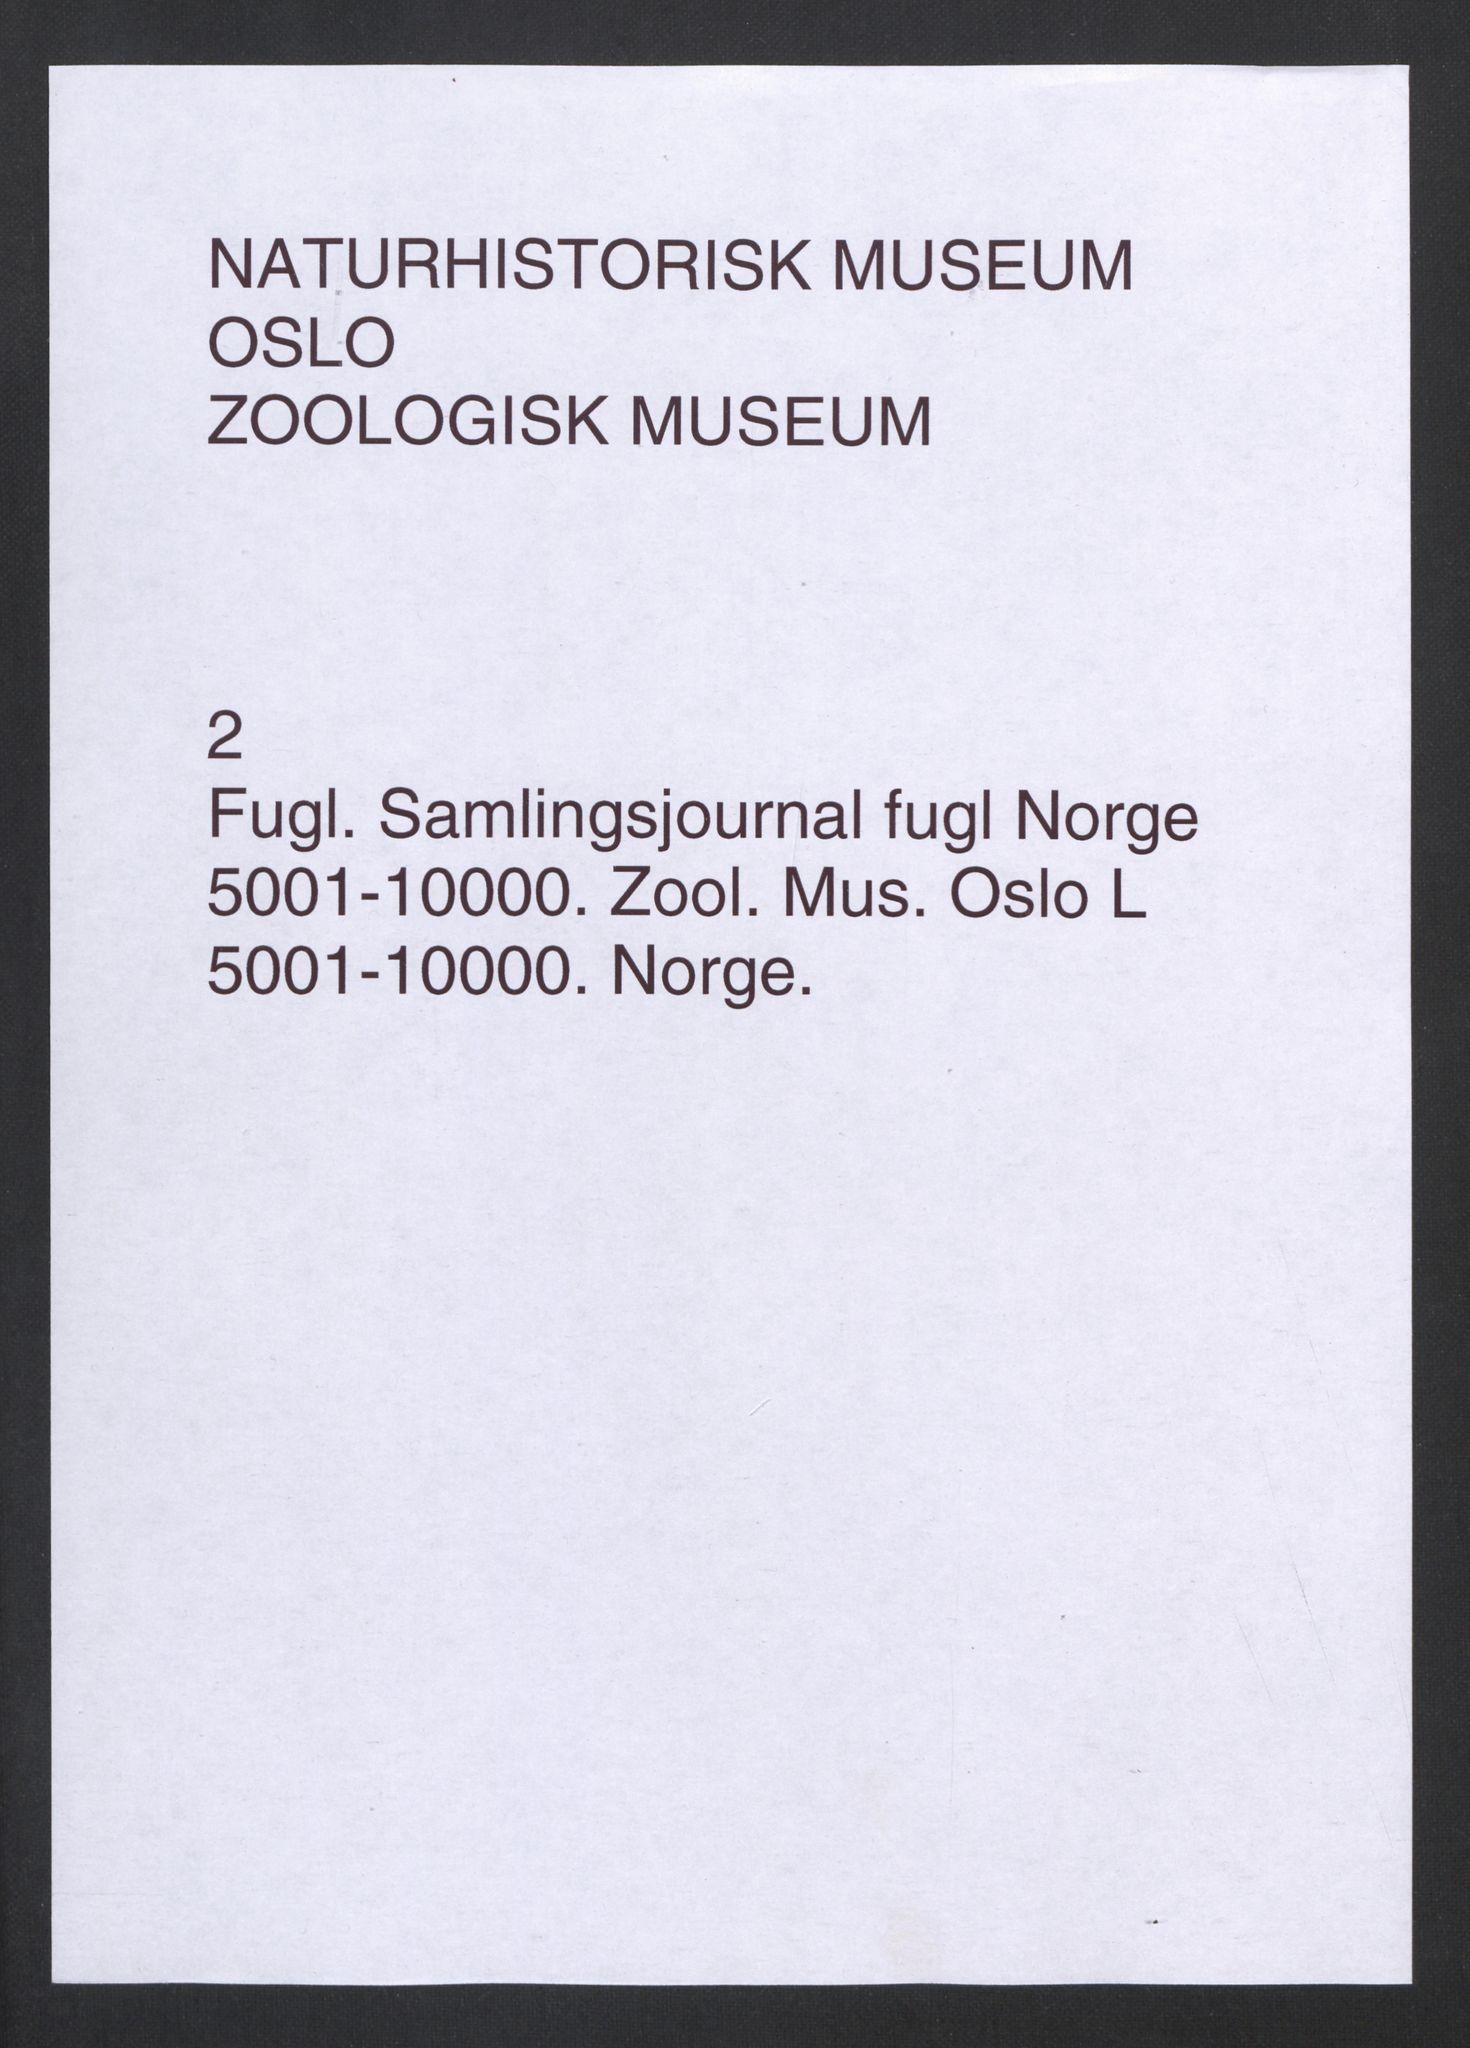 NHMO, Naturhistorisk museum (Oslo), 2: Fugl. Samlingsjournal. Fuglesamlingen, Skinnsamling Norge (L), nr. 5001-10000.